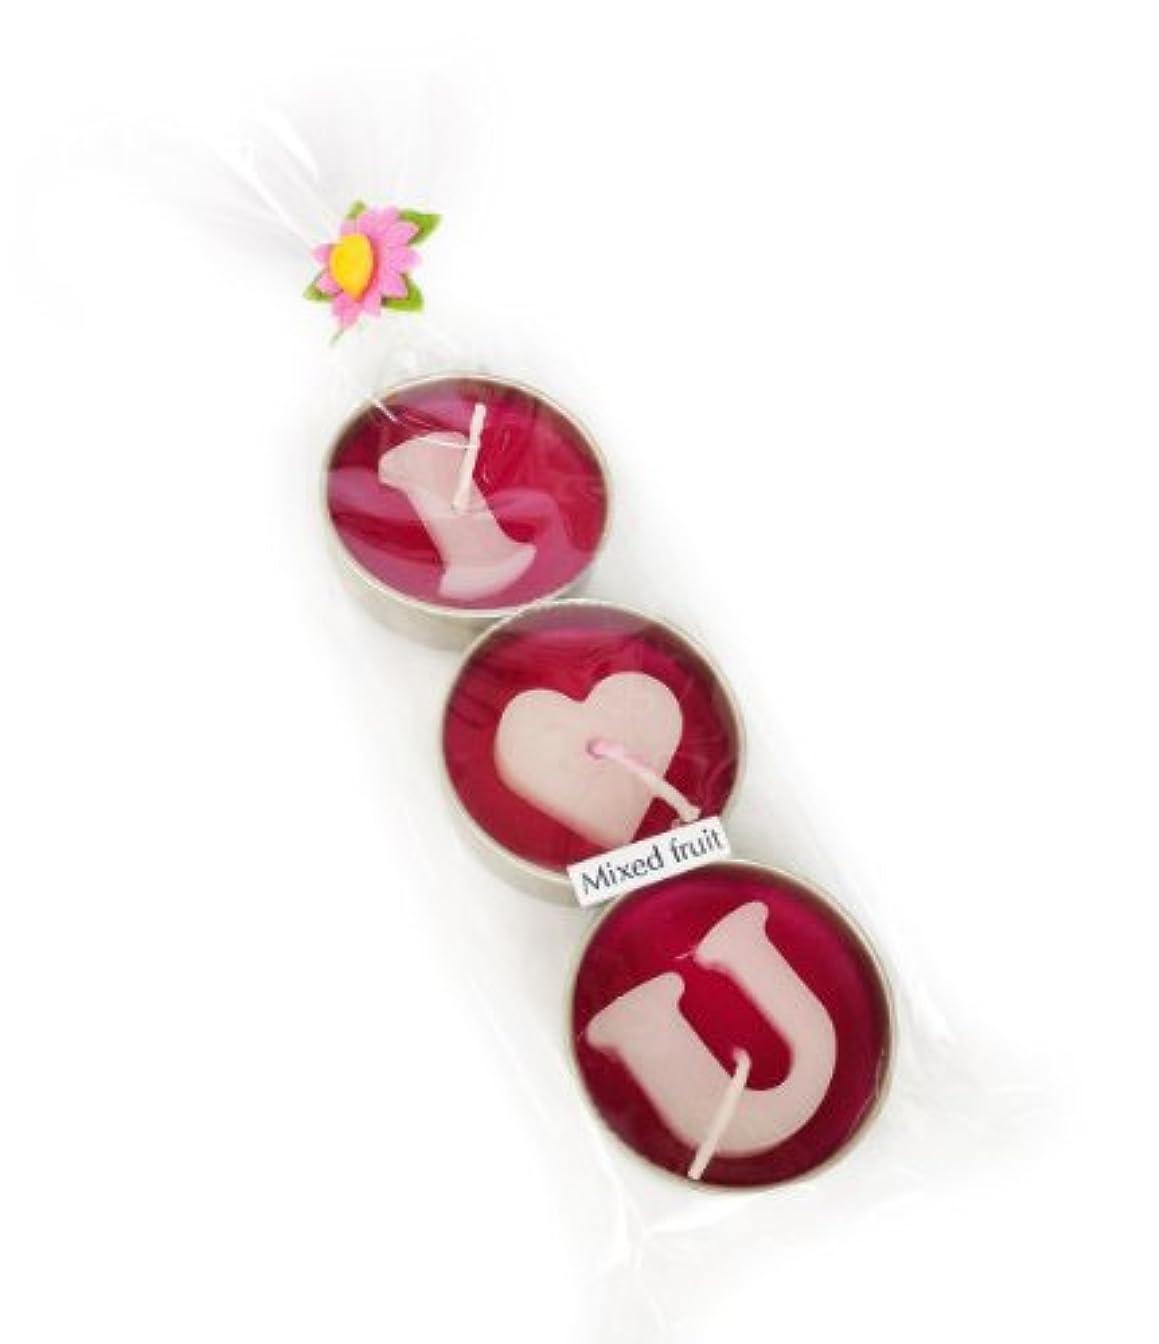 液体平野ペアアロマキャンドル/ラブキャンドル/ILoveU/モーク/ロウソク/ろうそ/1パック3個入り/(1Pack  3pc I love U Candle) (Mixed Fruit)